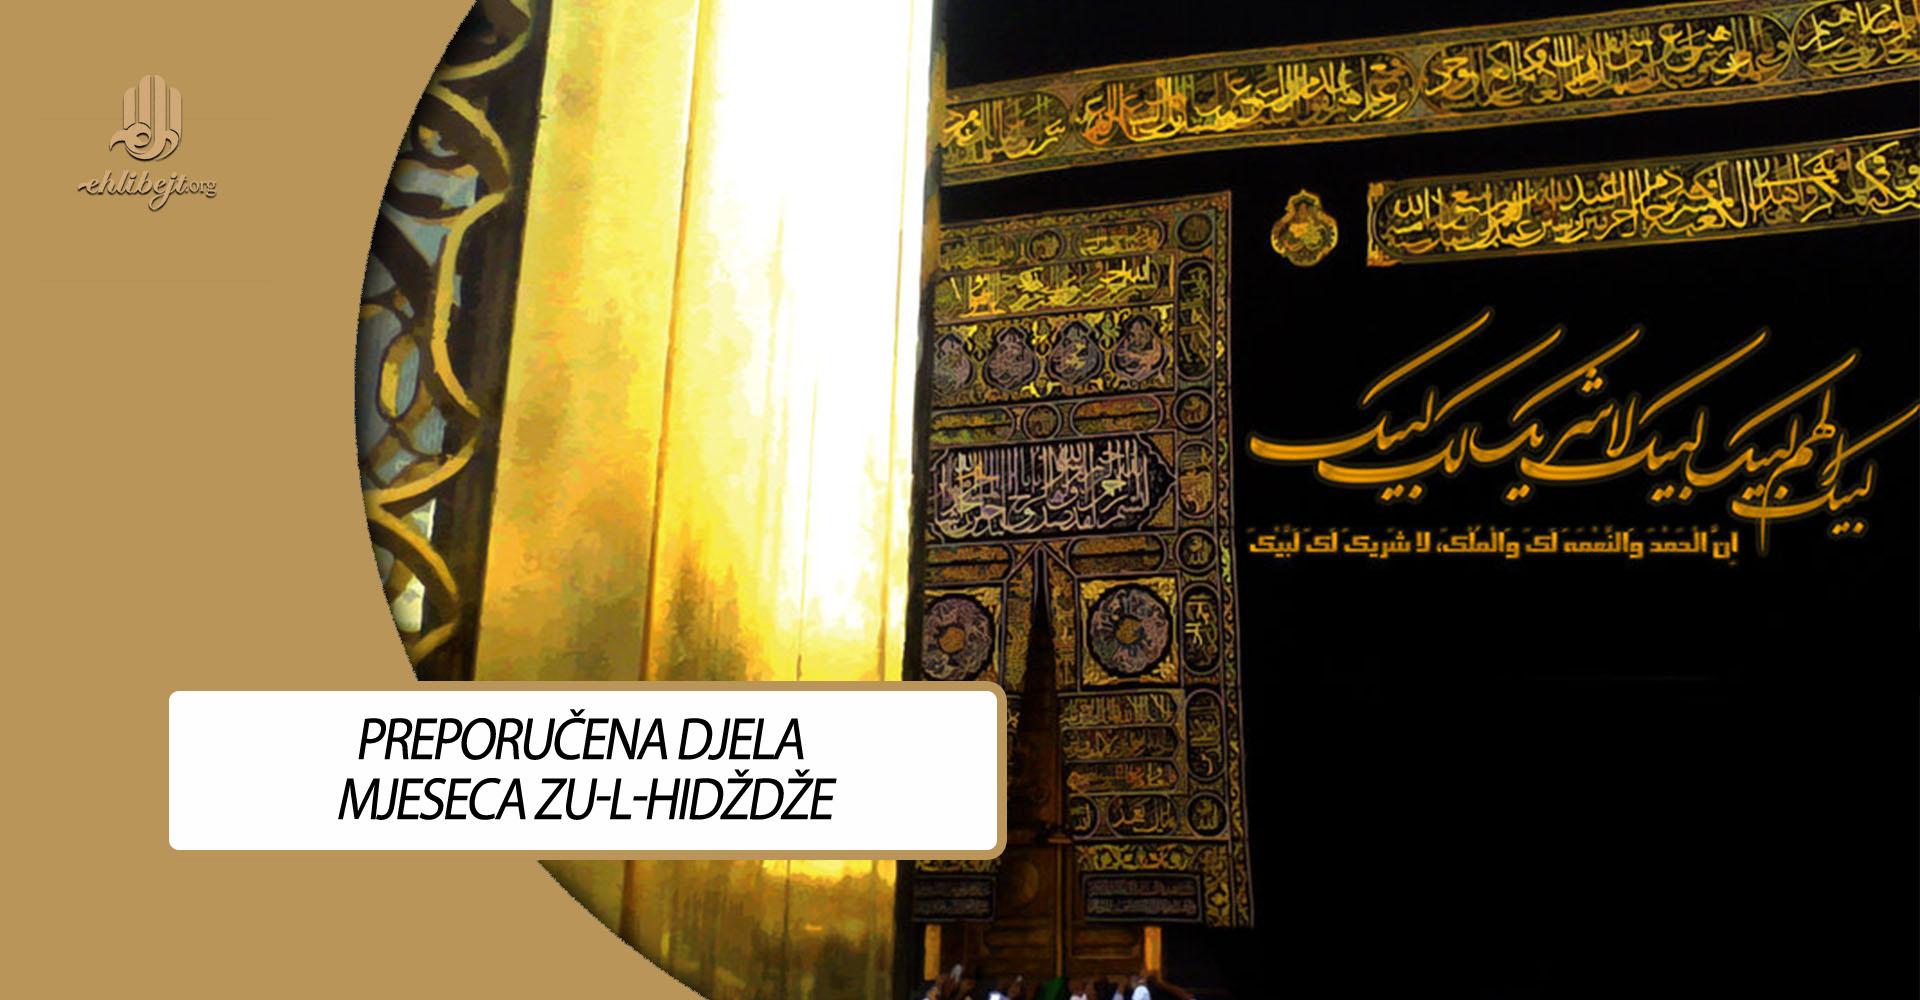 Preporučena djela mjeseca zu-l-hidždže